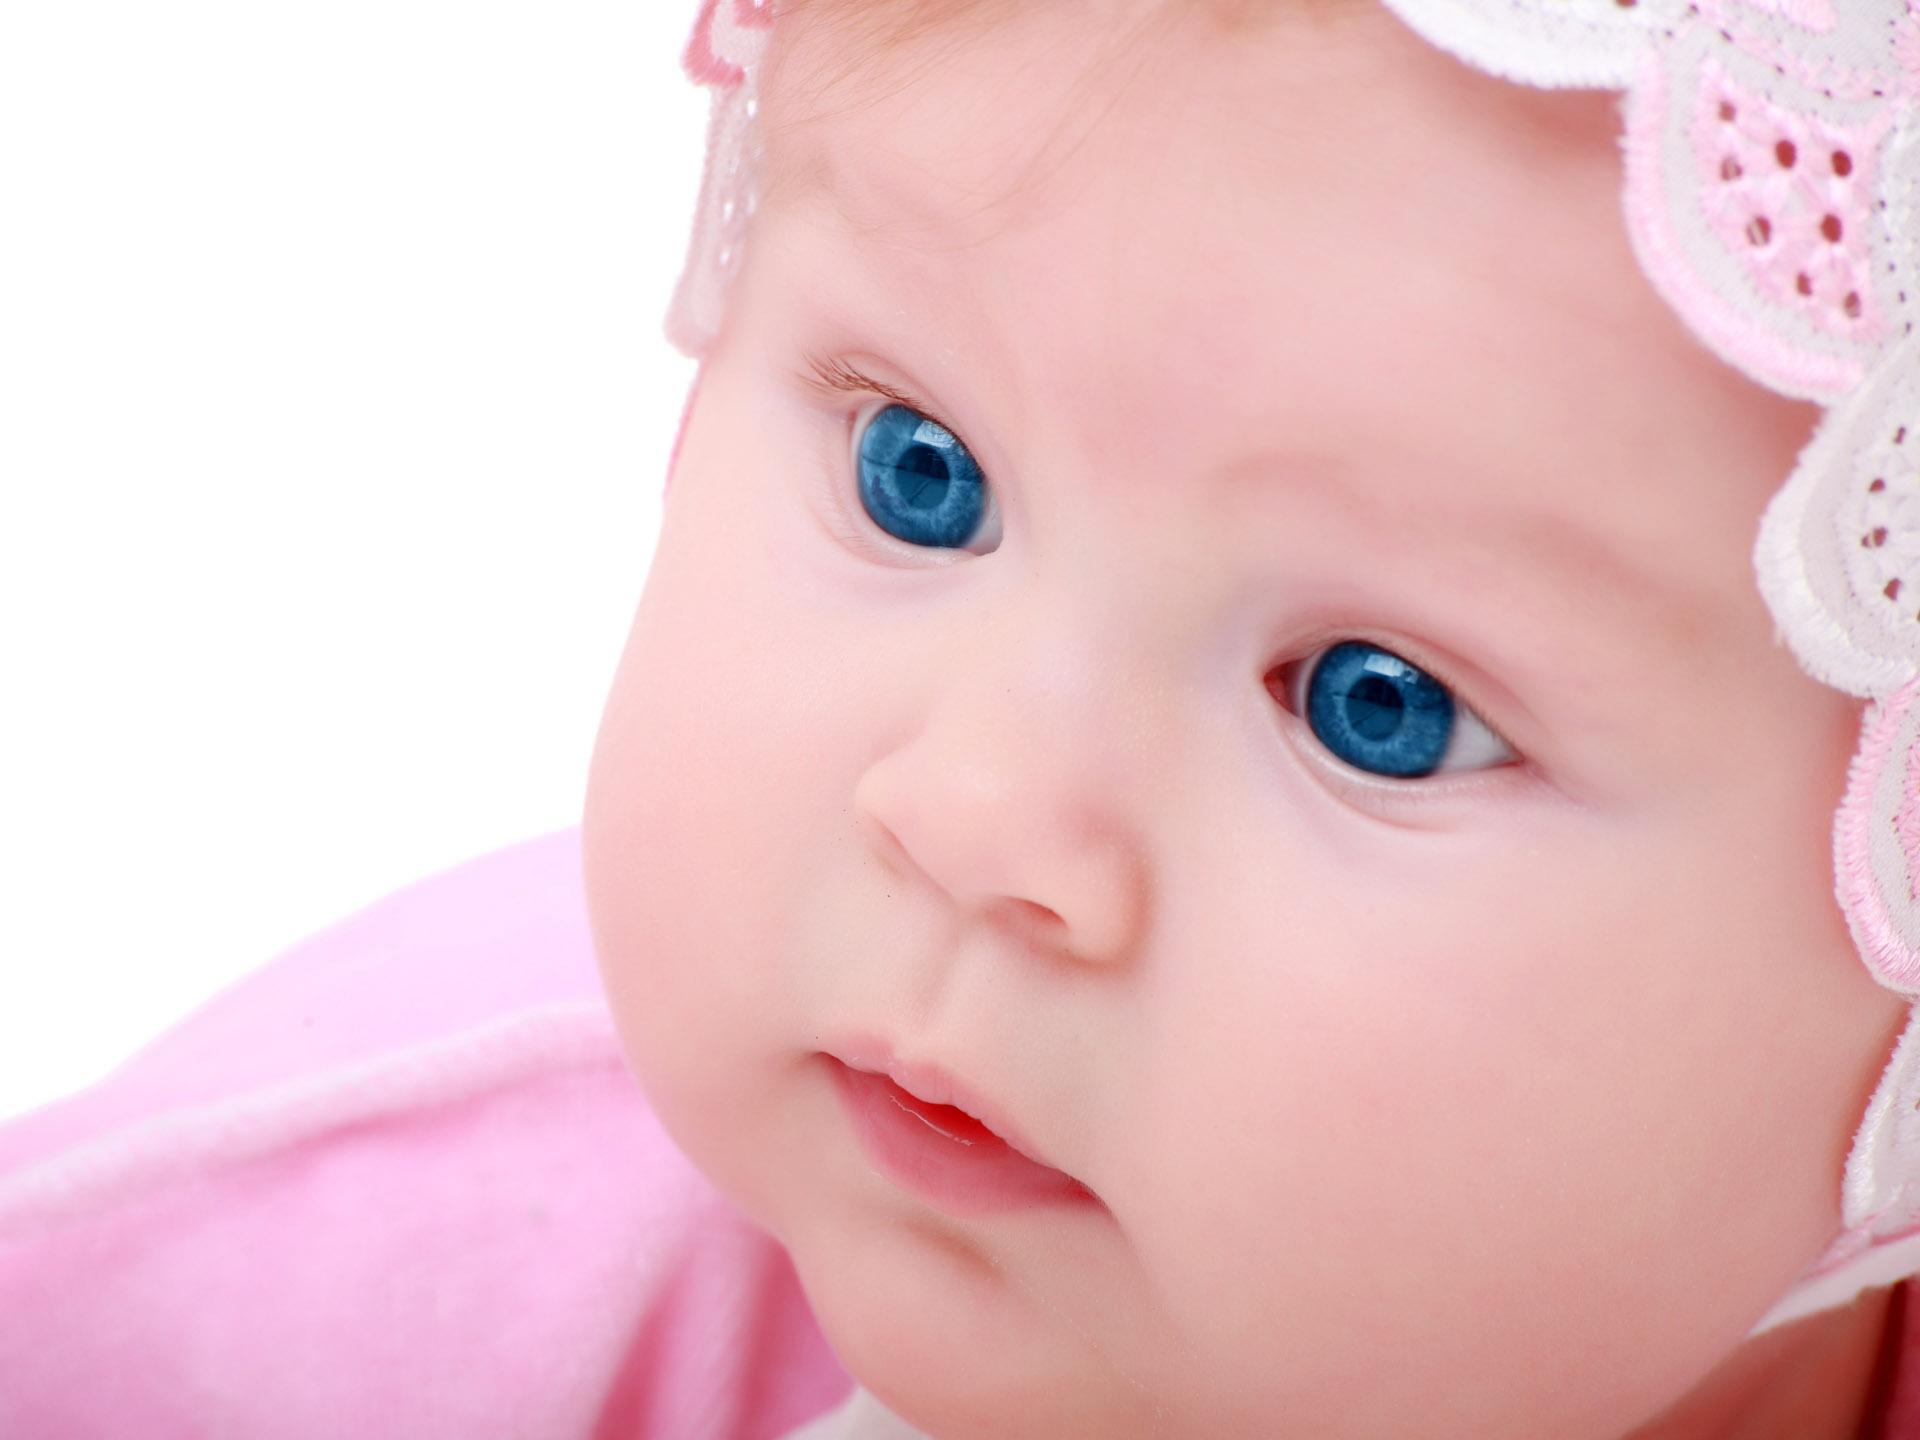 cool hd babies photos